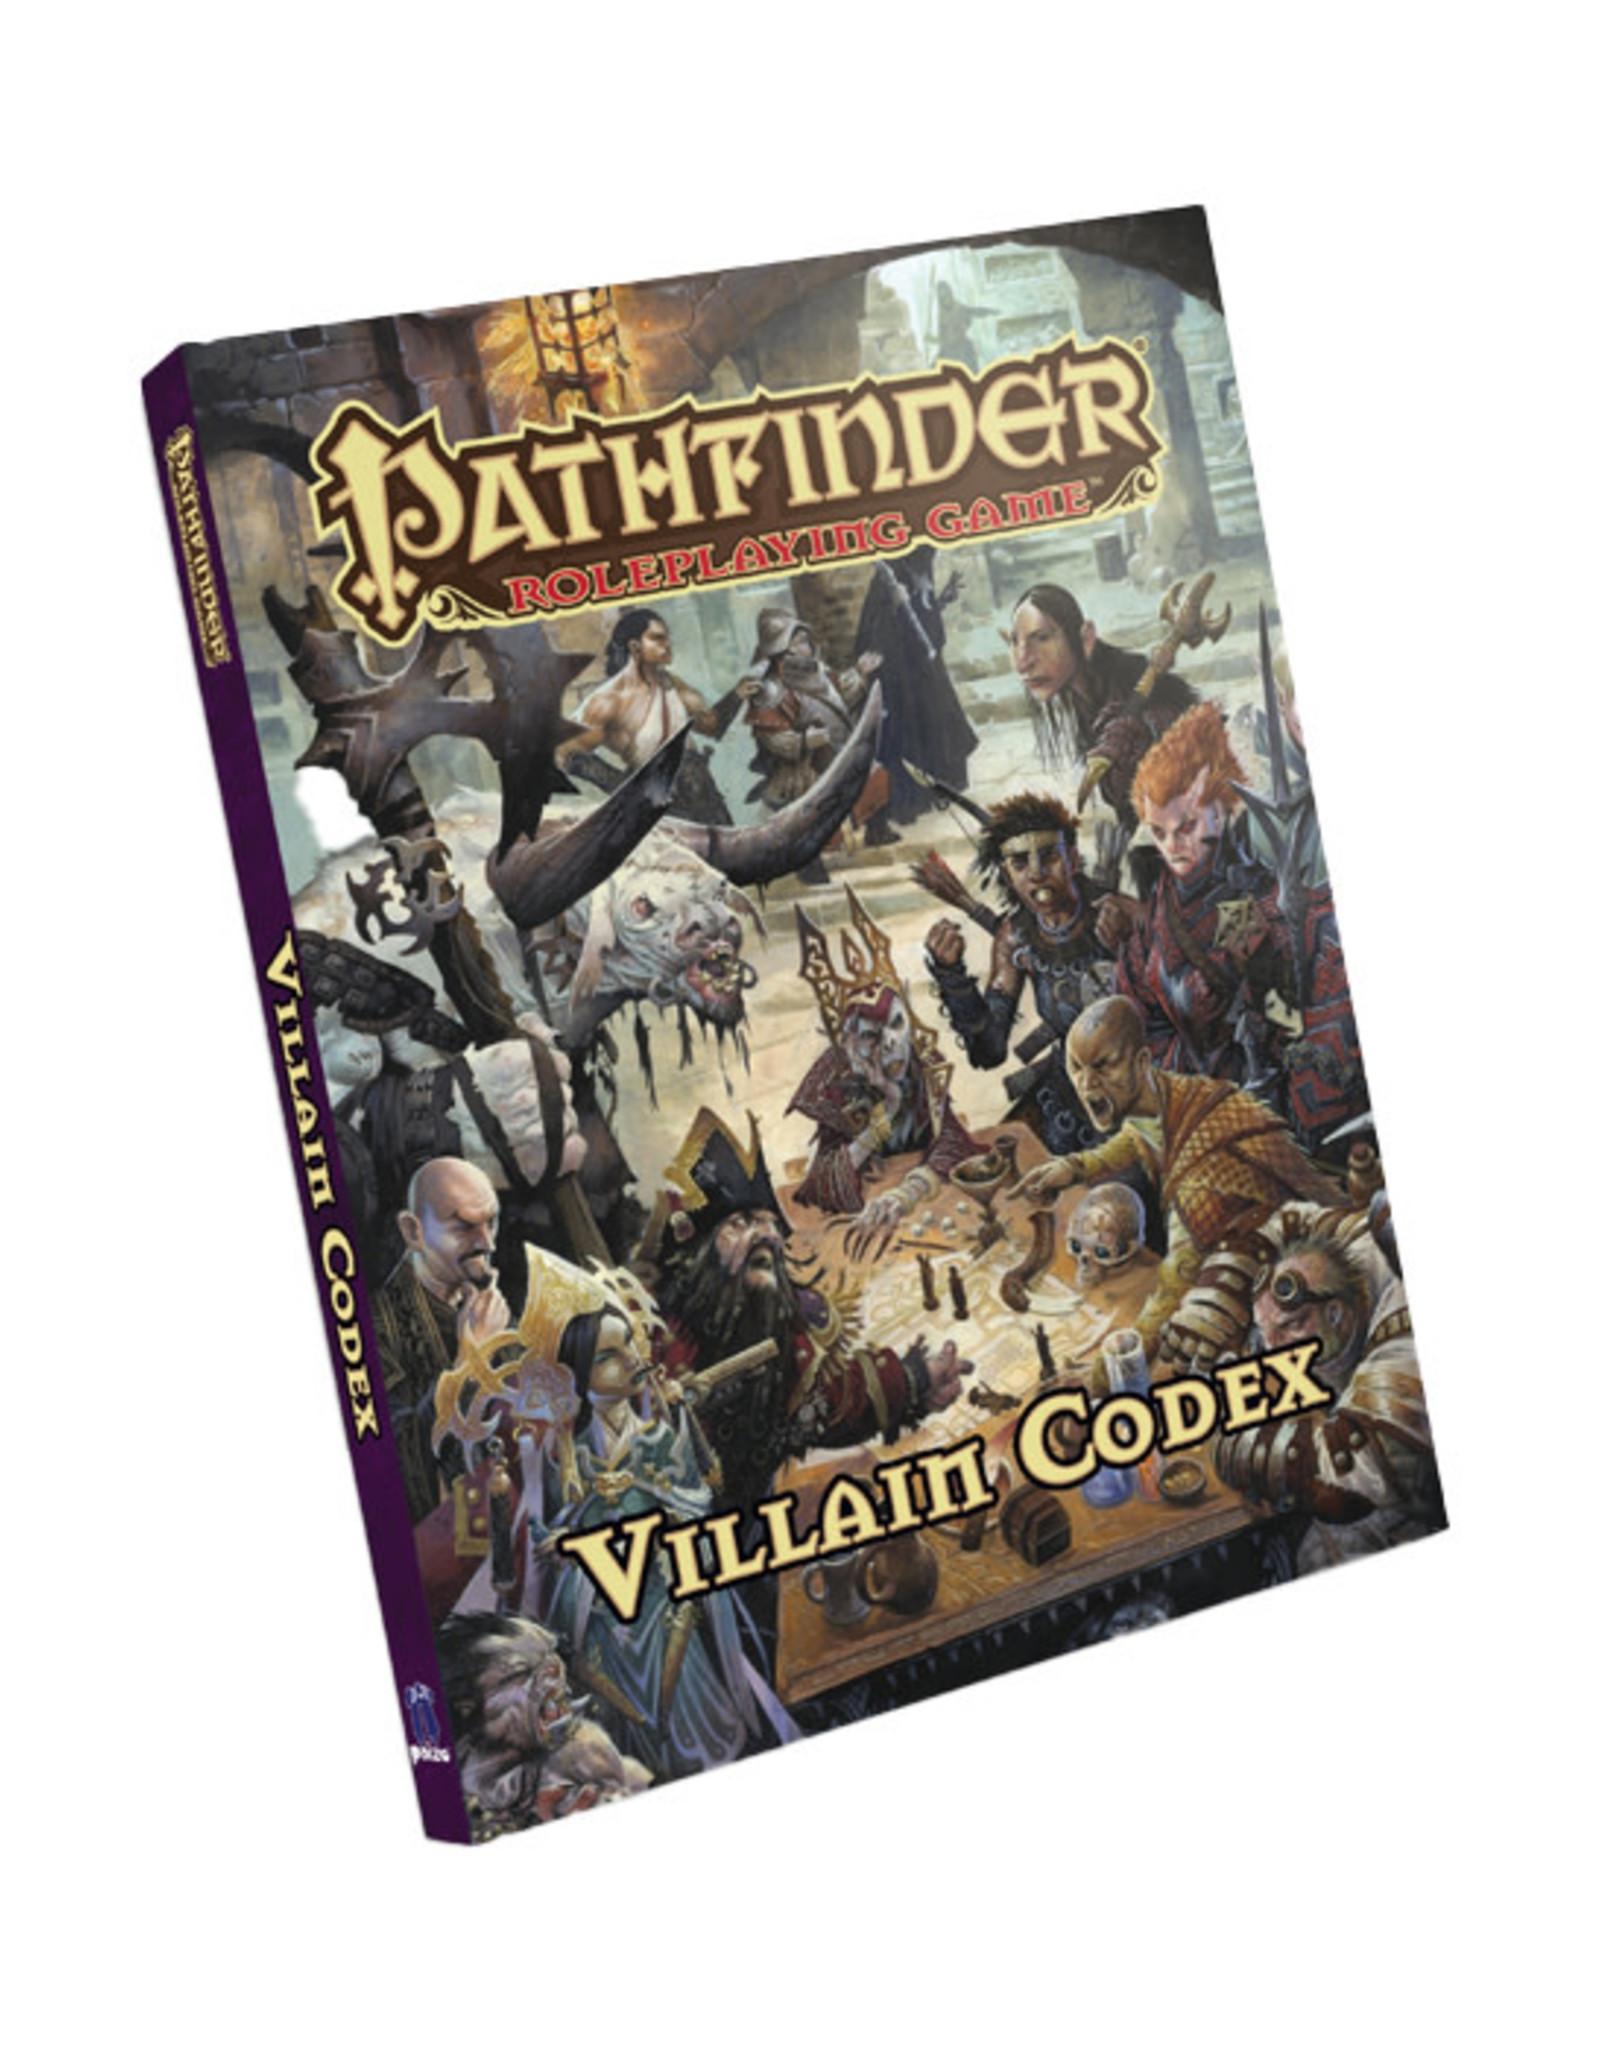 Pathfinder Pathfinder: Villain Codex